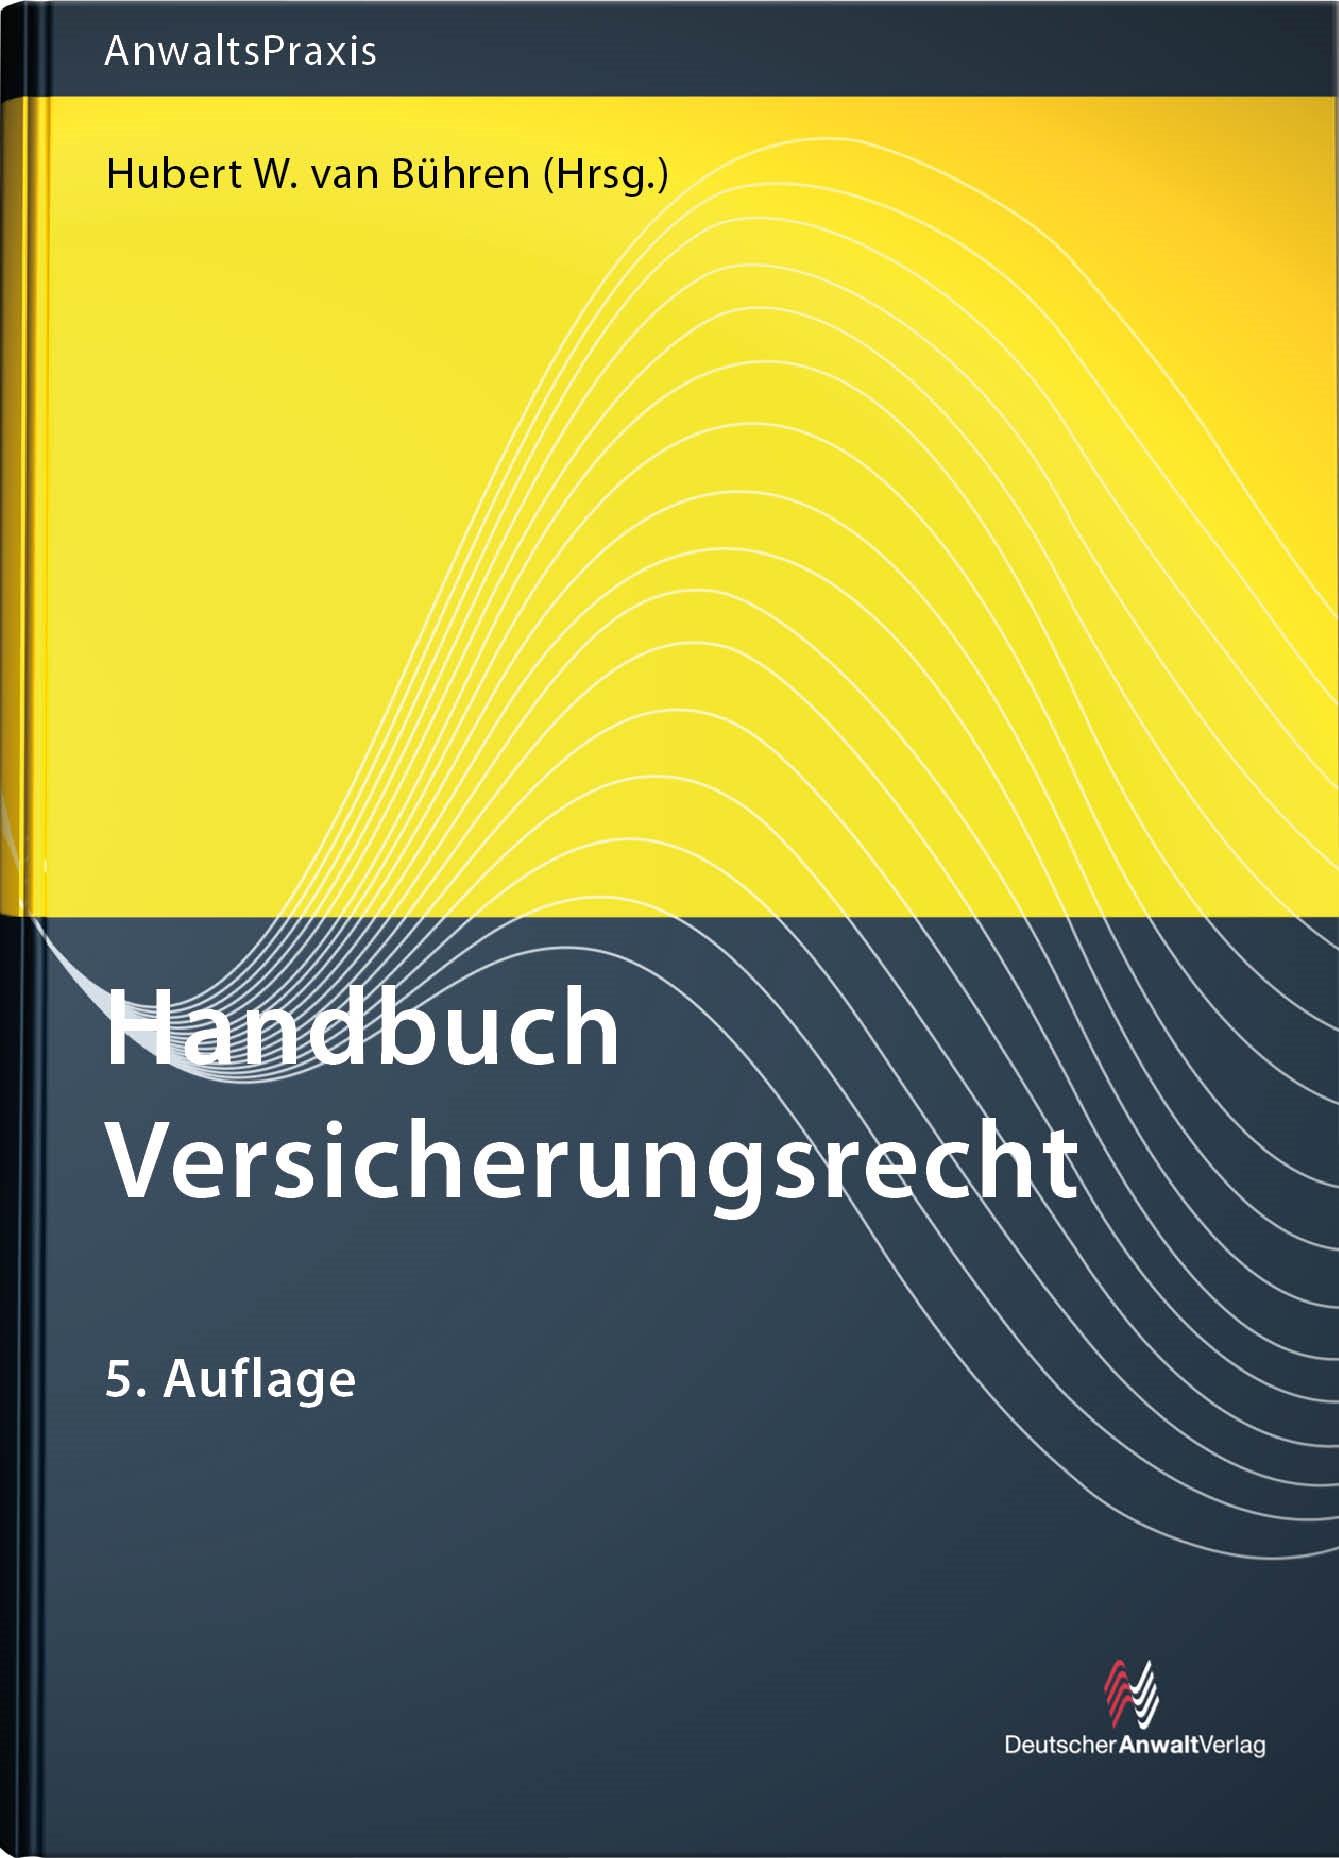 Handbuch Versicherungsrecht | van Bühren (Hrsg.) | 5. Auflage, 2012 | Buch (Cover)